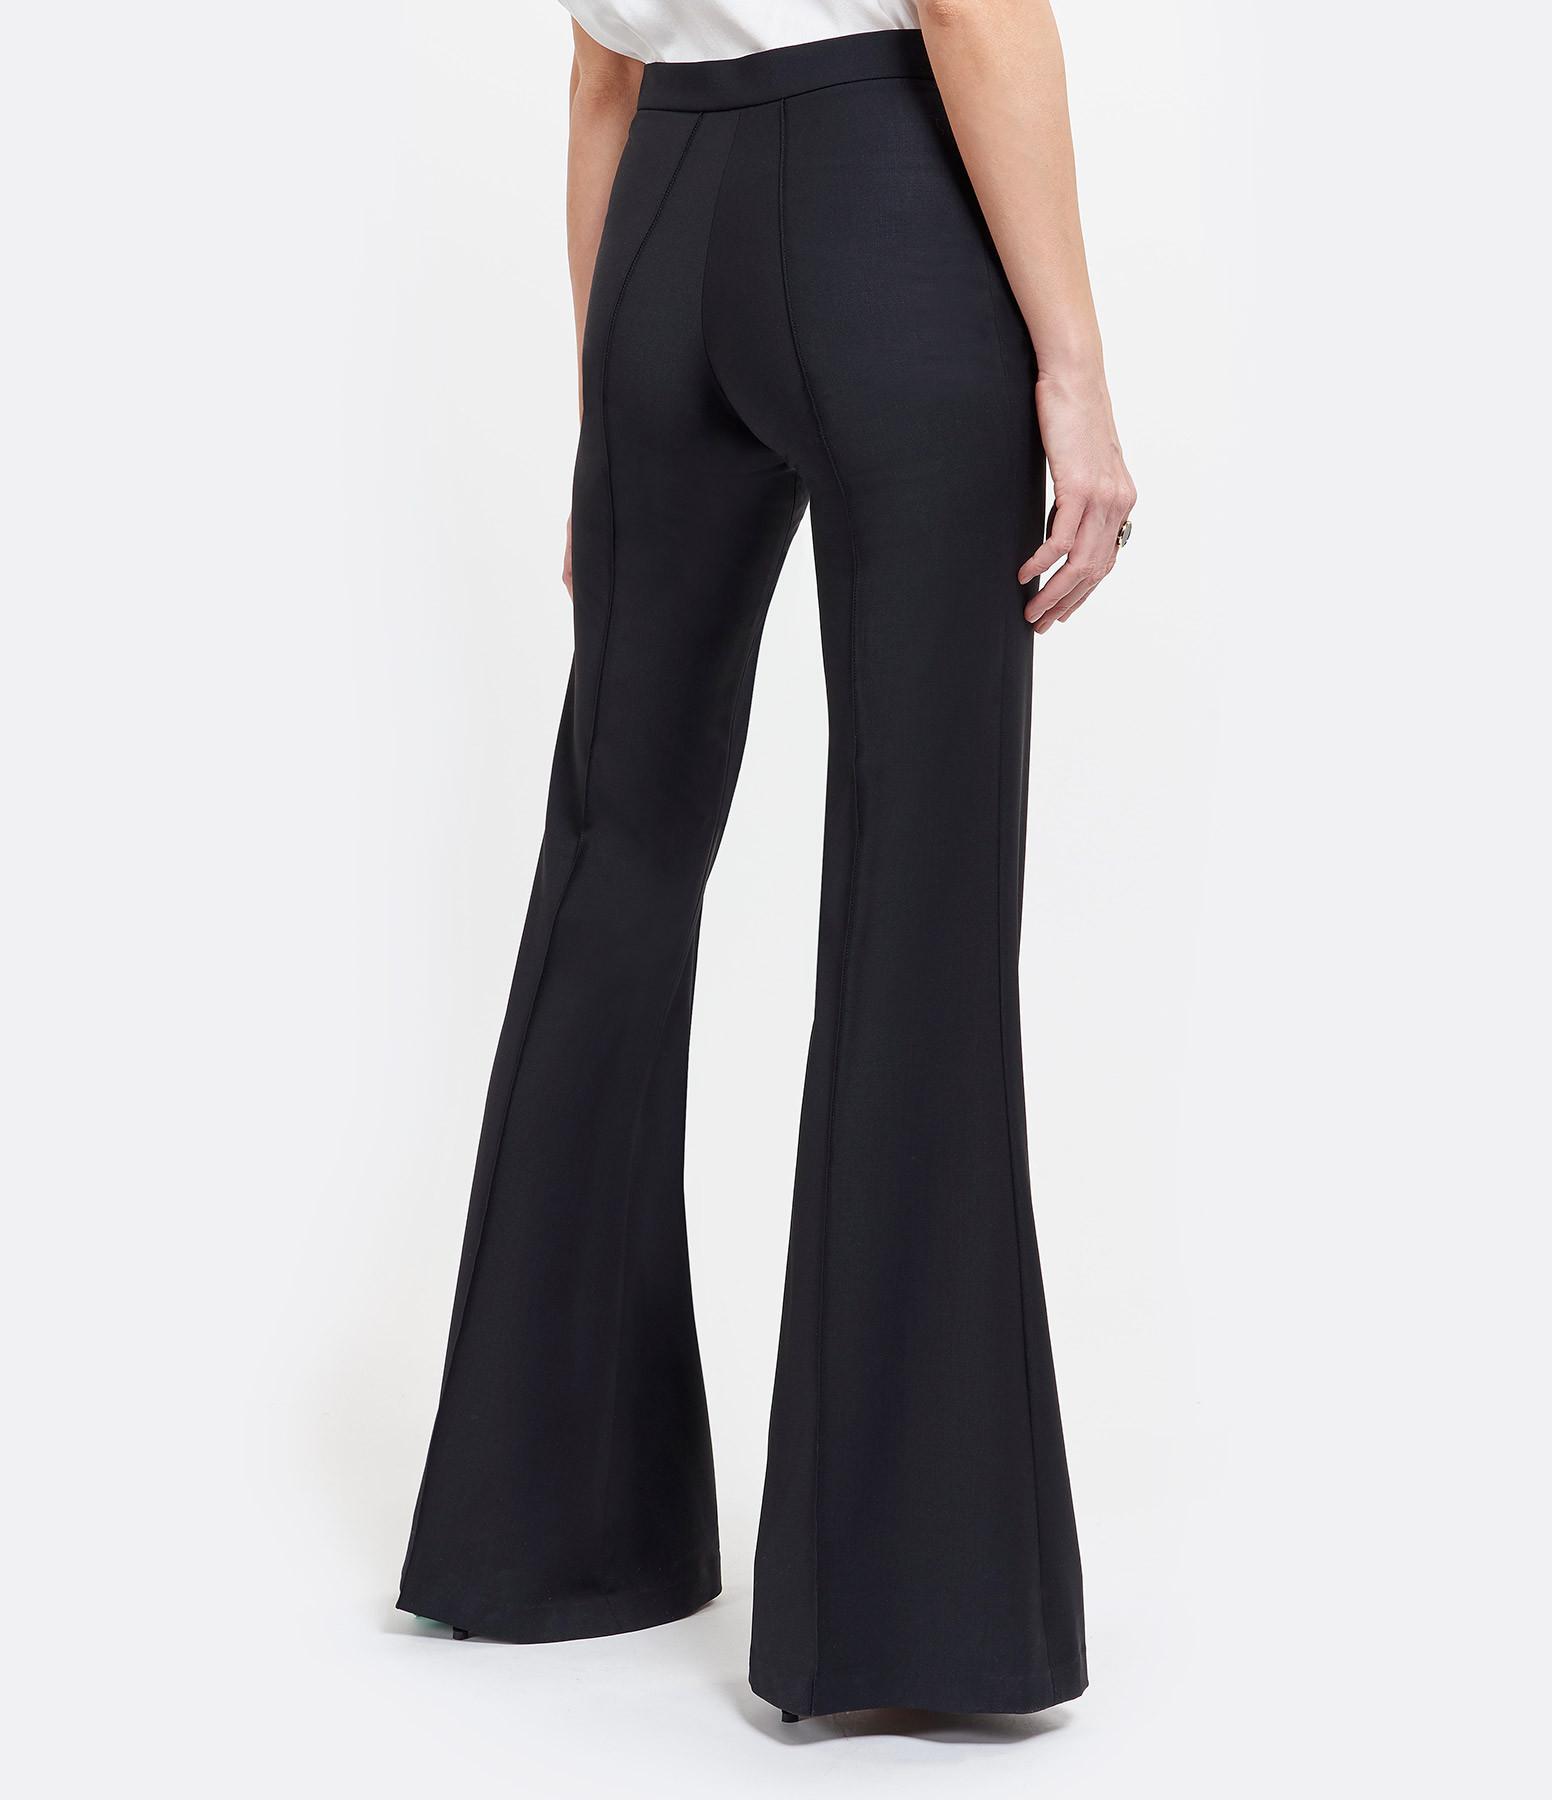 OUD - Pantalon Espi Laine Noir